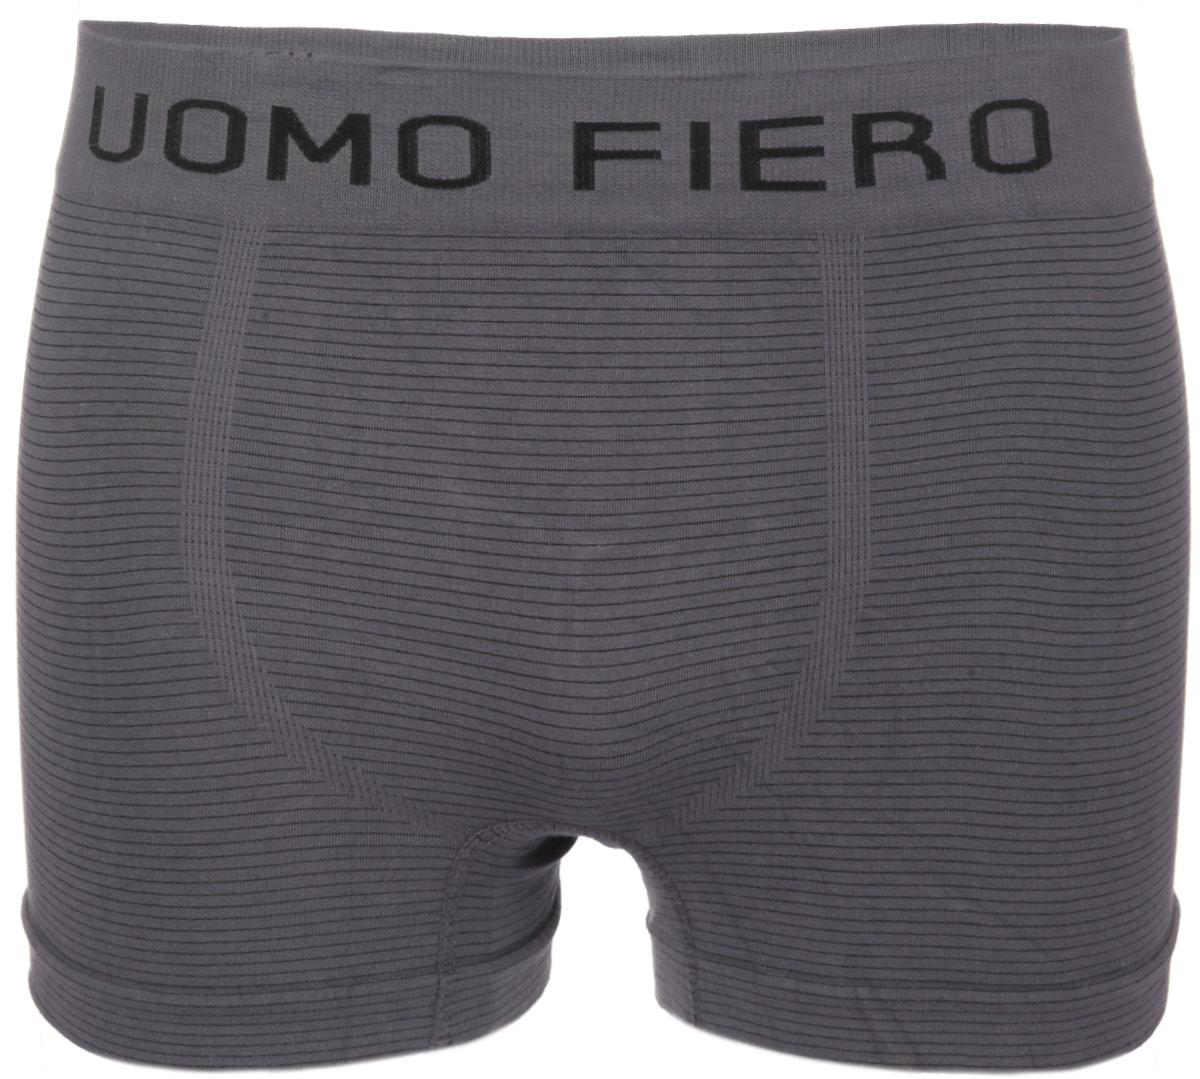 Трусы-боксеры мужские. 024 FH024 FHУдобные мужские трусы-боксеры Uomo Fiero изготовлены из эластичного хлопка. Изделие мягкое и тактильно приятное. Облегающий крой и эластичная резинка на талии обеспечат наибольший комфорт. Модель не имеет швов. Трусы оформлены принтом в полоску, украшены на поясе надписью с названием бренда. Трусы-боксеры с классической посадкой отлично подойдут для повседневной носки.